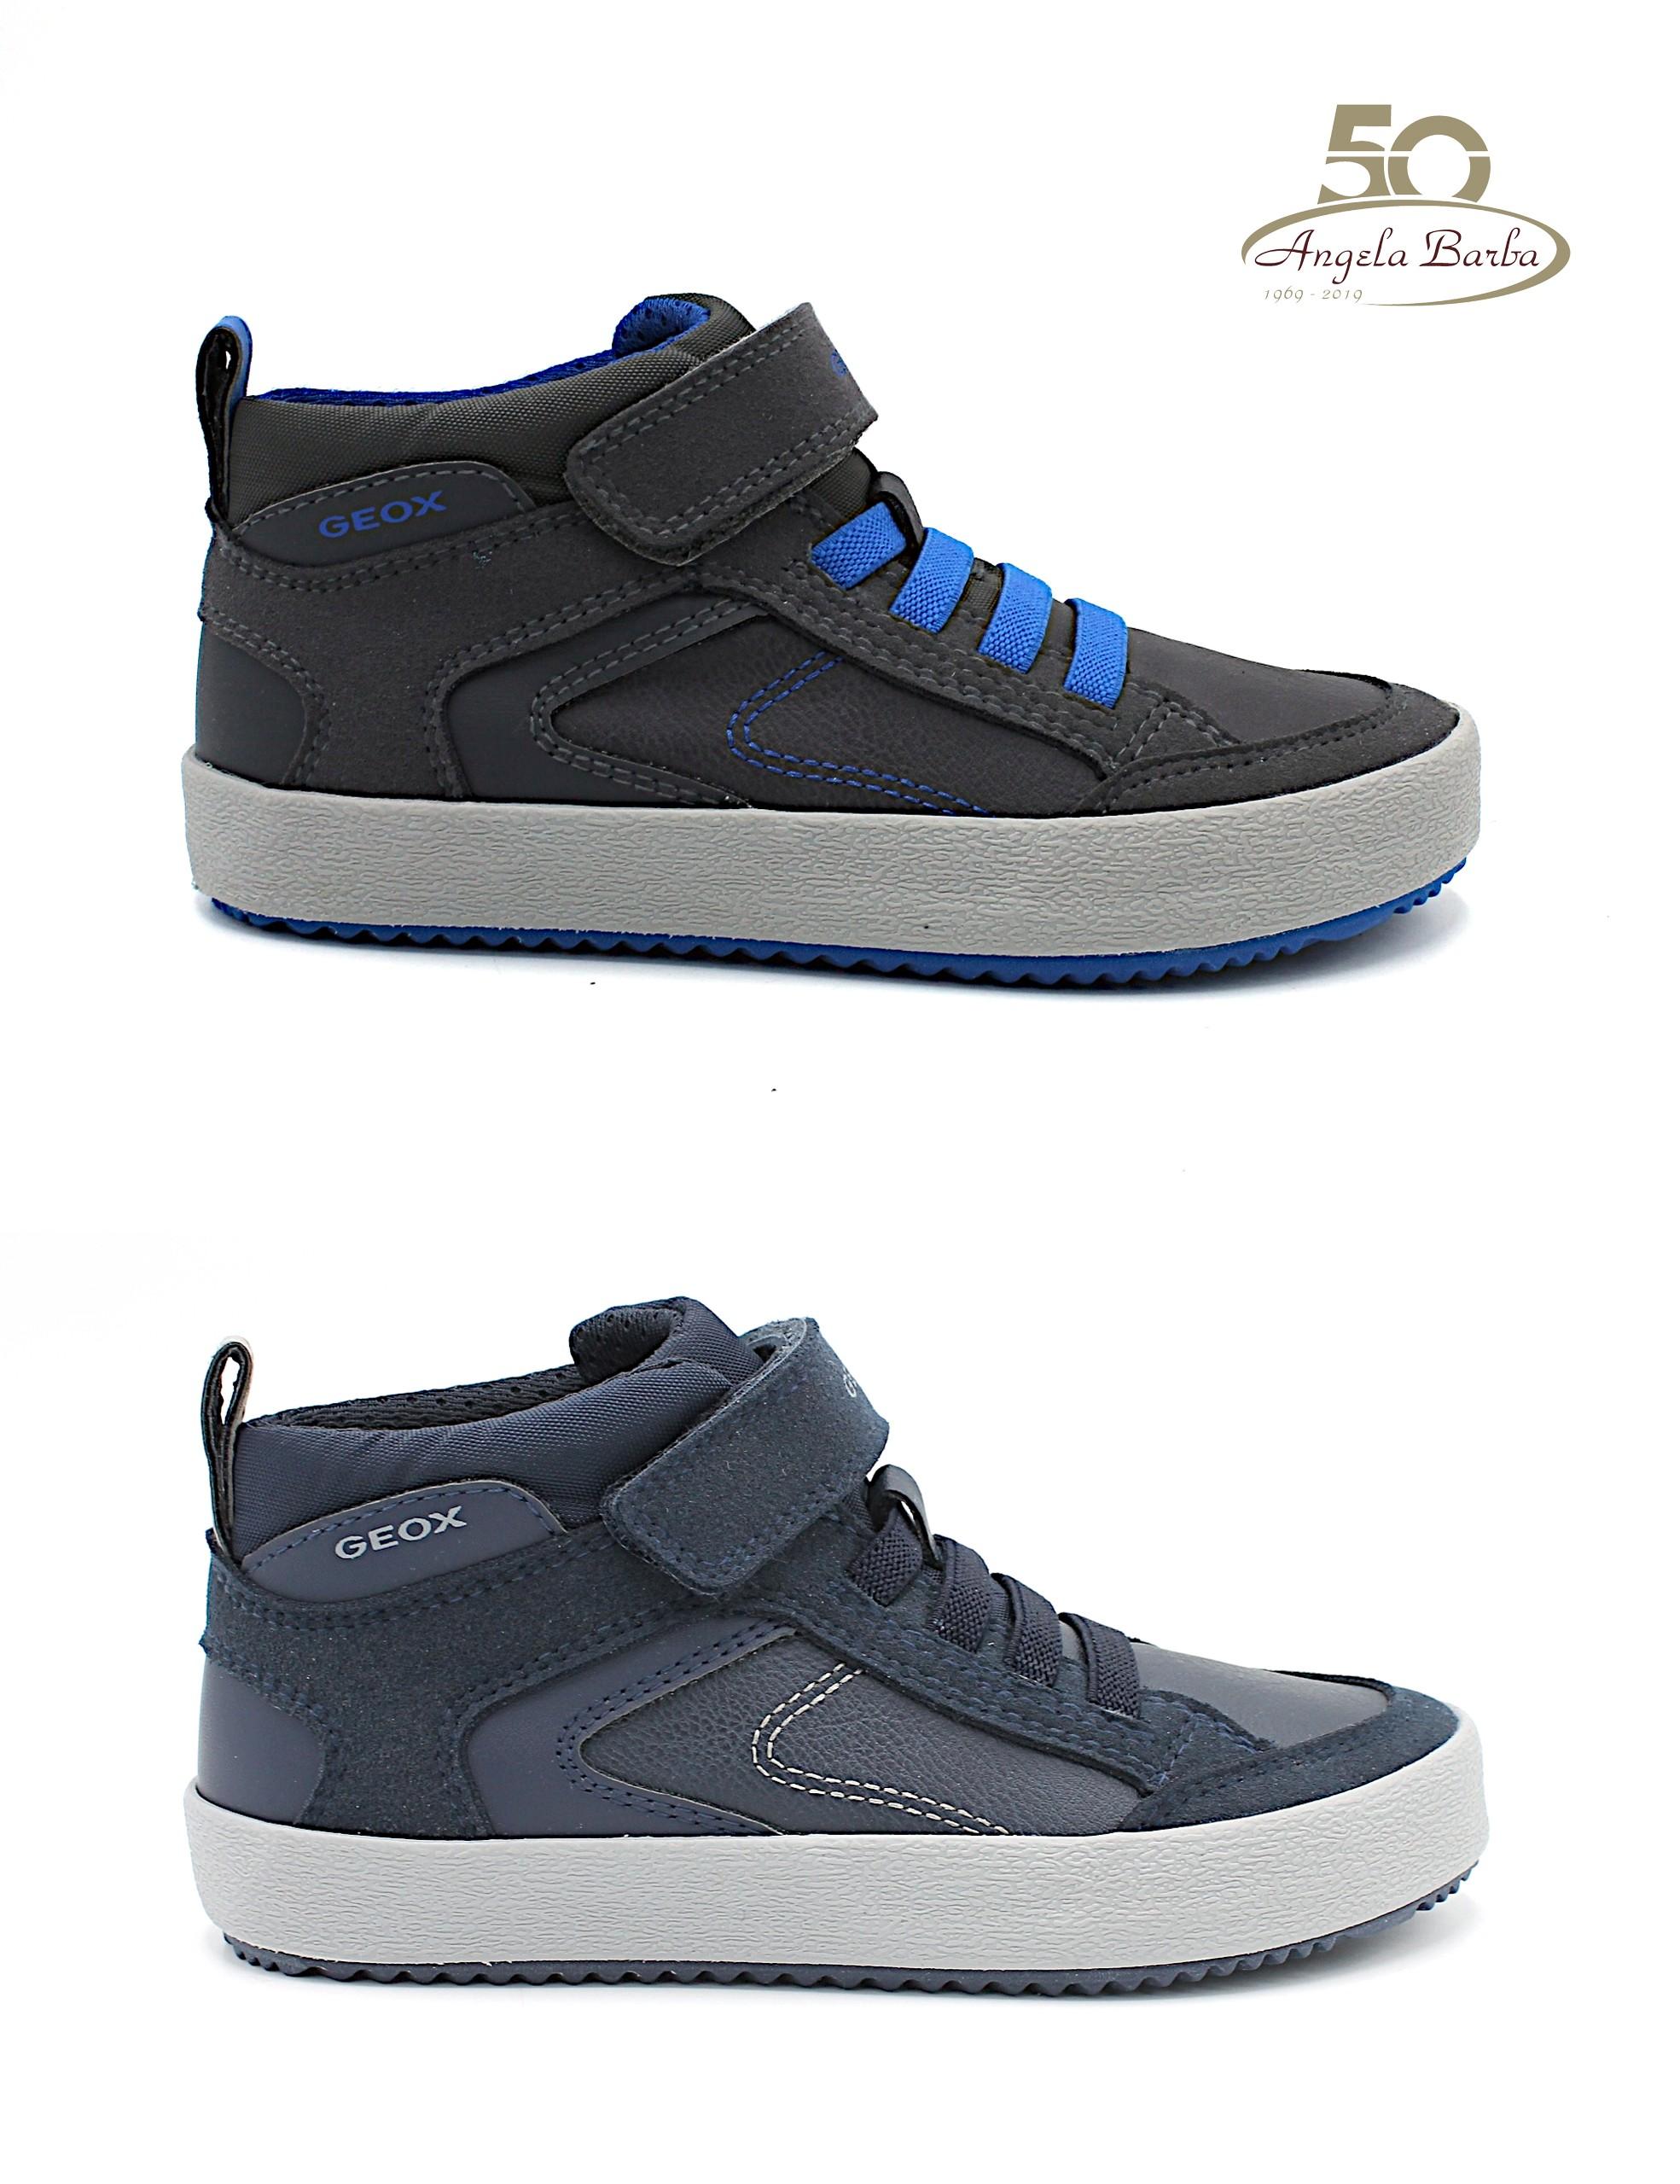 Geox scarpe da bambino sneakers con lacci elastici J942CN